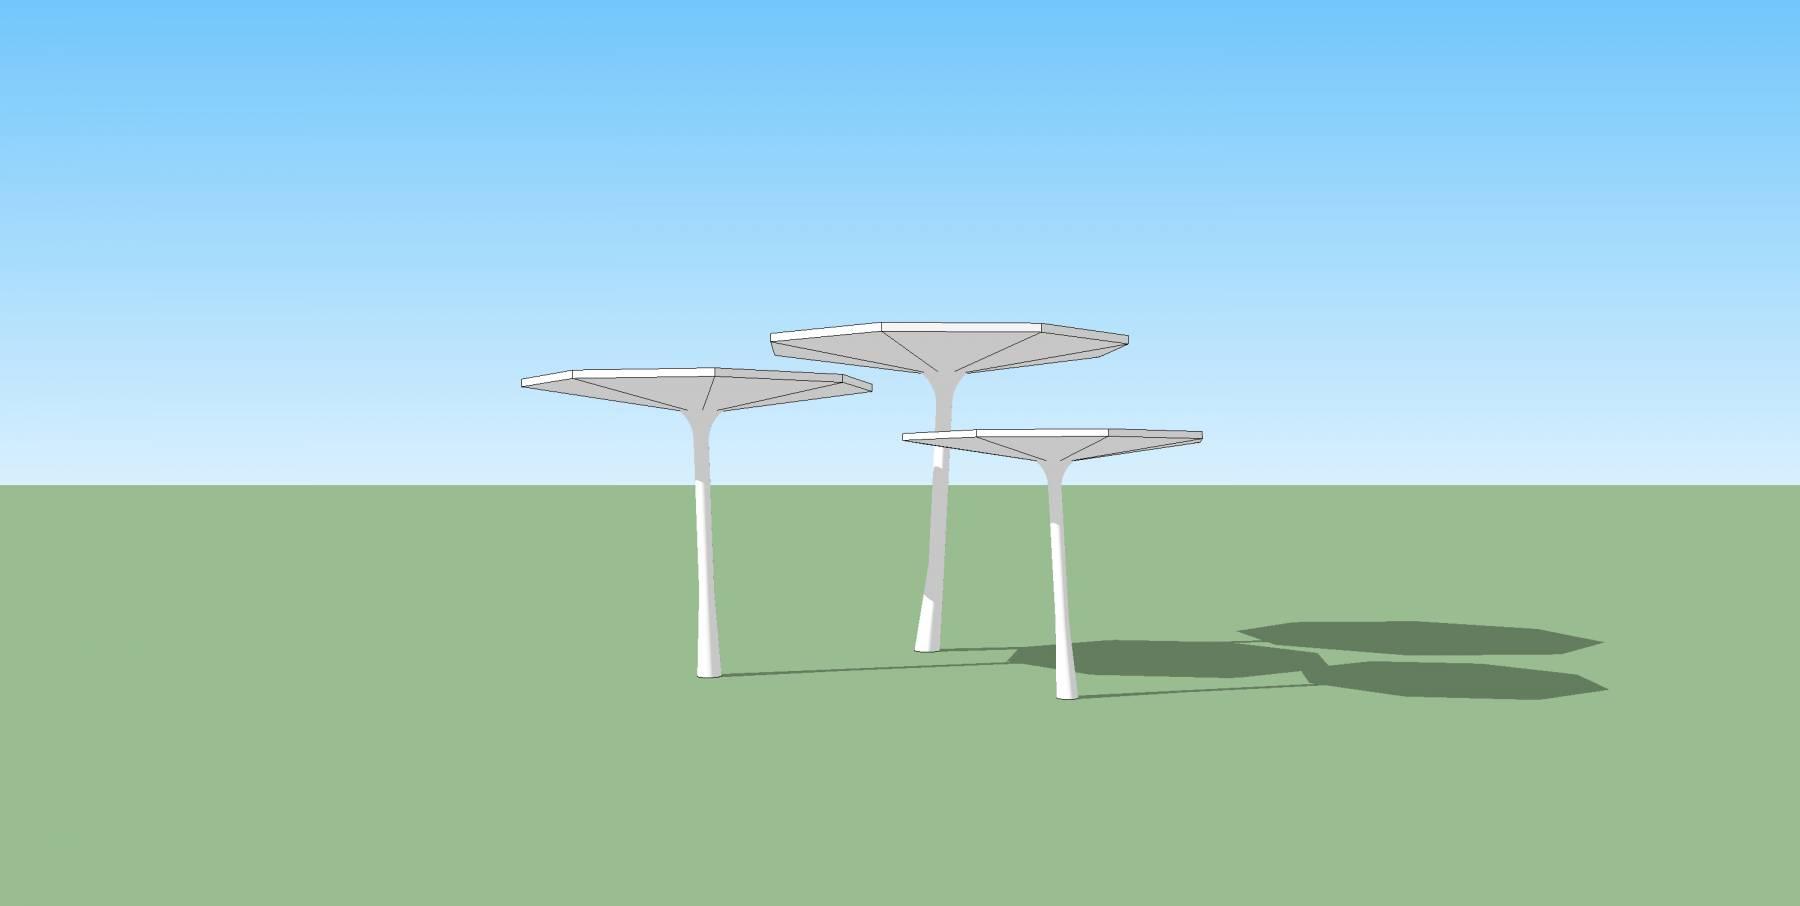 蘑菇亭0su雕塑小品构架